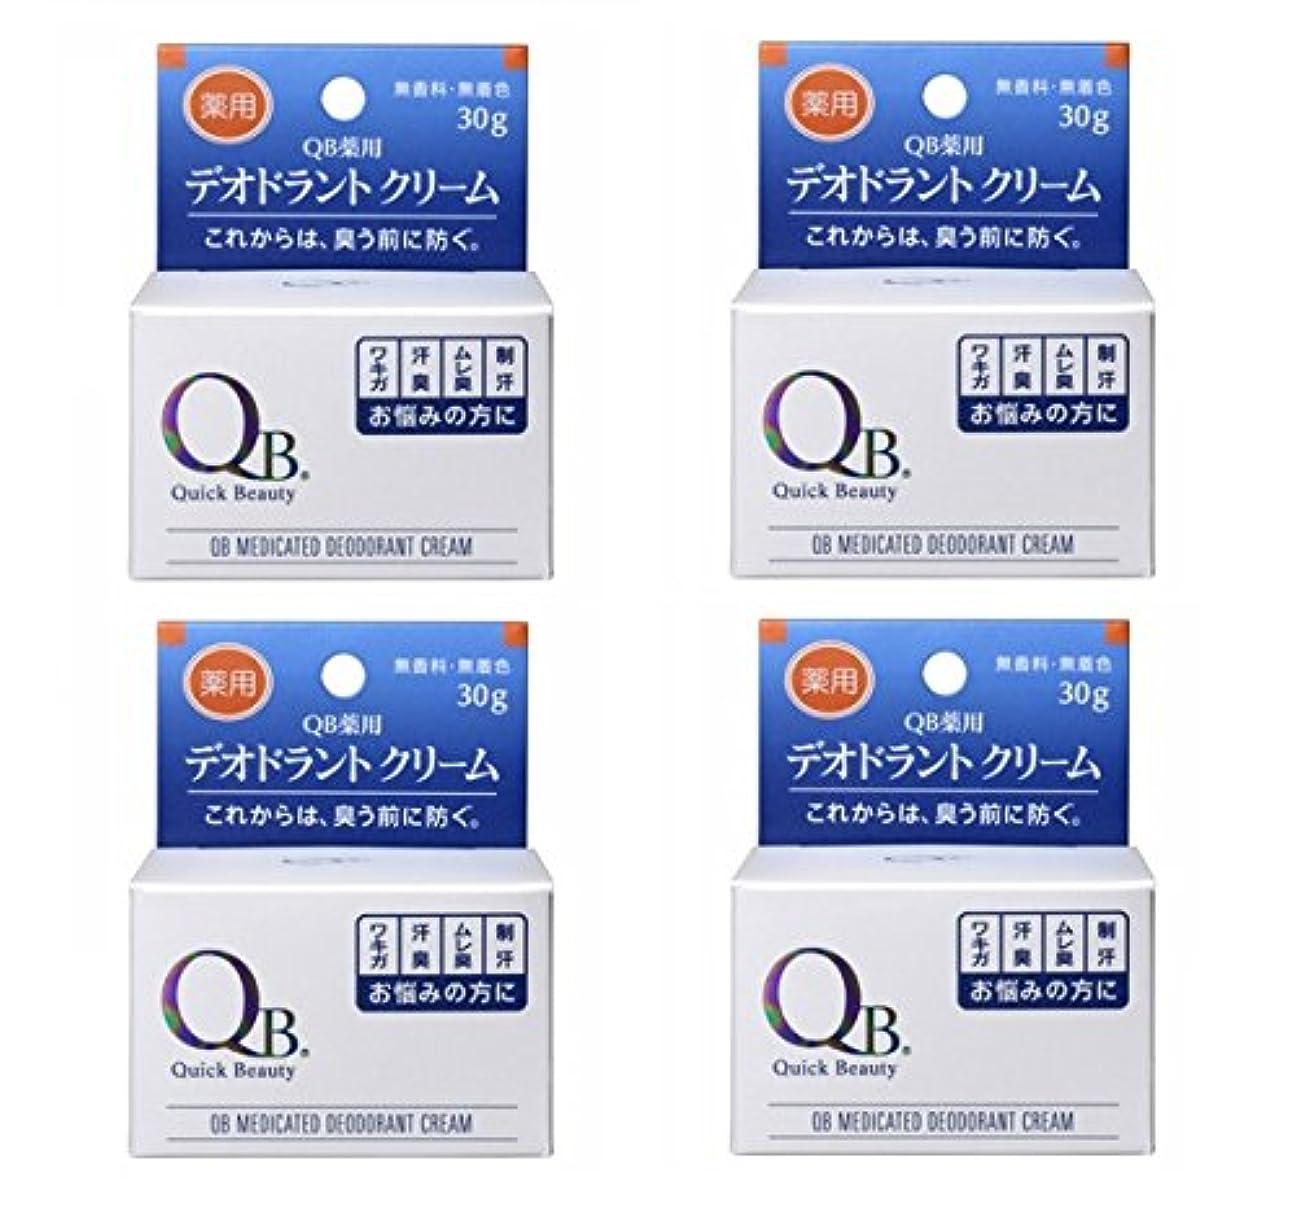 天の鉄道絞る【×4個】 QB 薬用デオドラントクリーム 30g 【国内正規品】